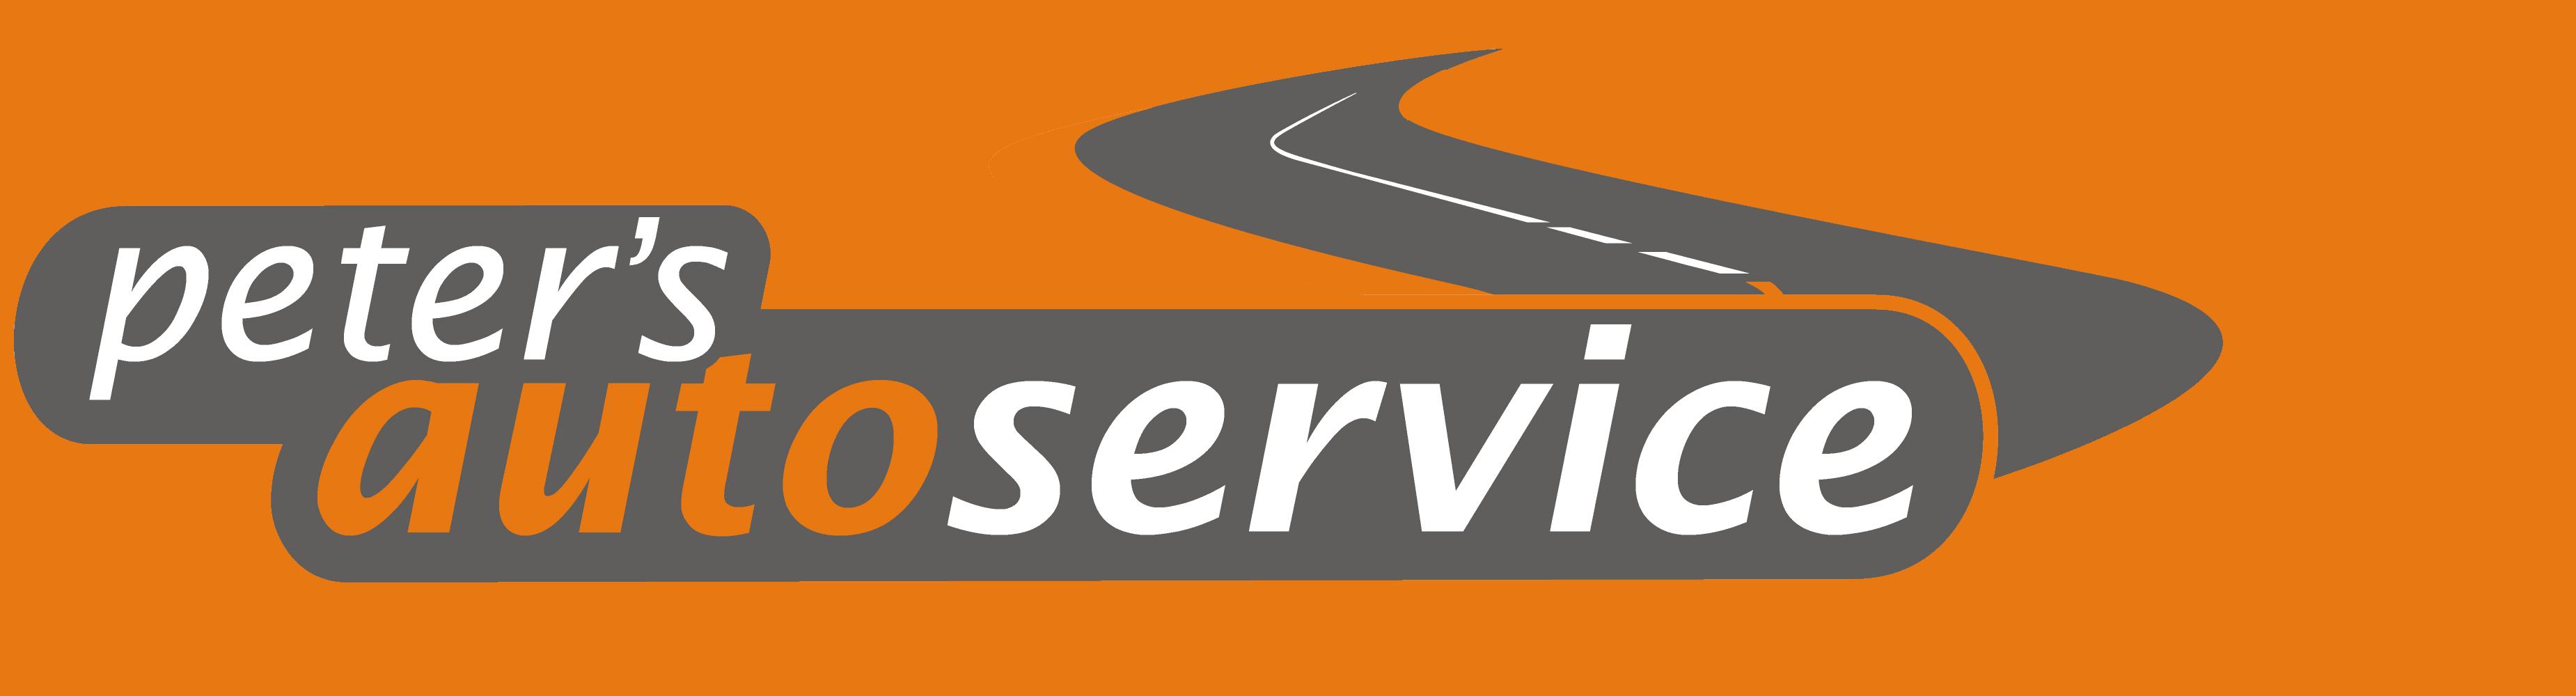 Peter's Autoservice | Het beste voor uw auto